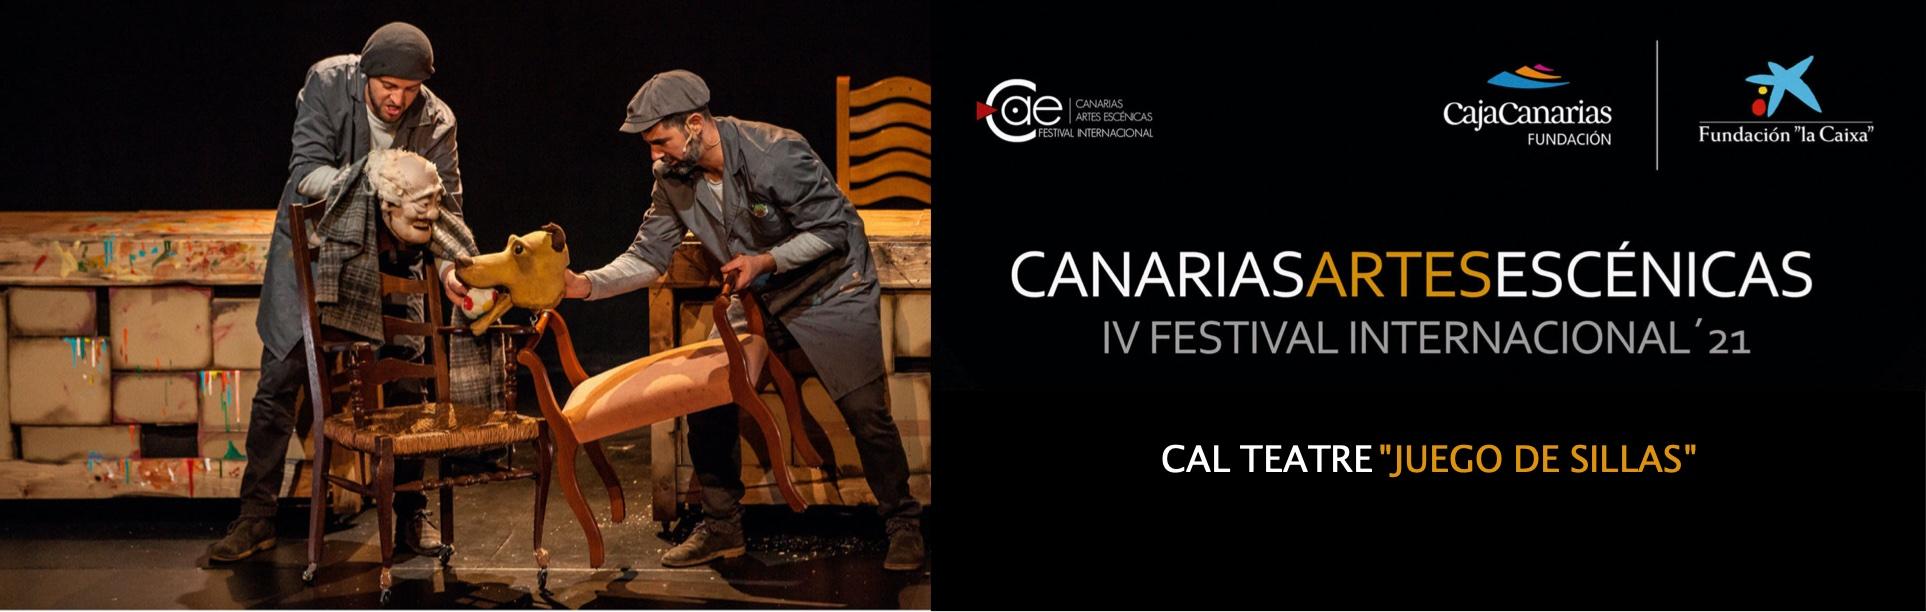 Cal Teatre, Juegos de sillas